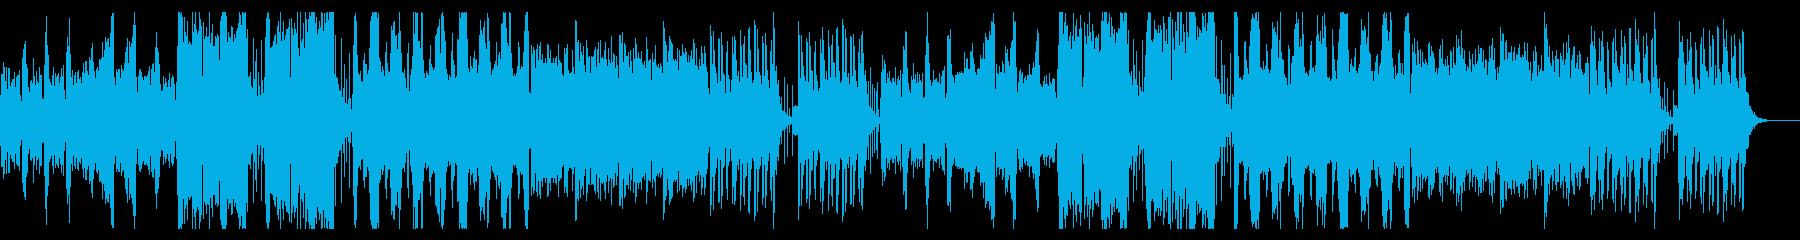 Nightdionの再生済みの波形